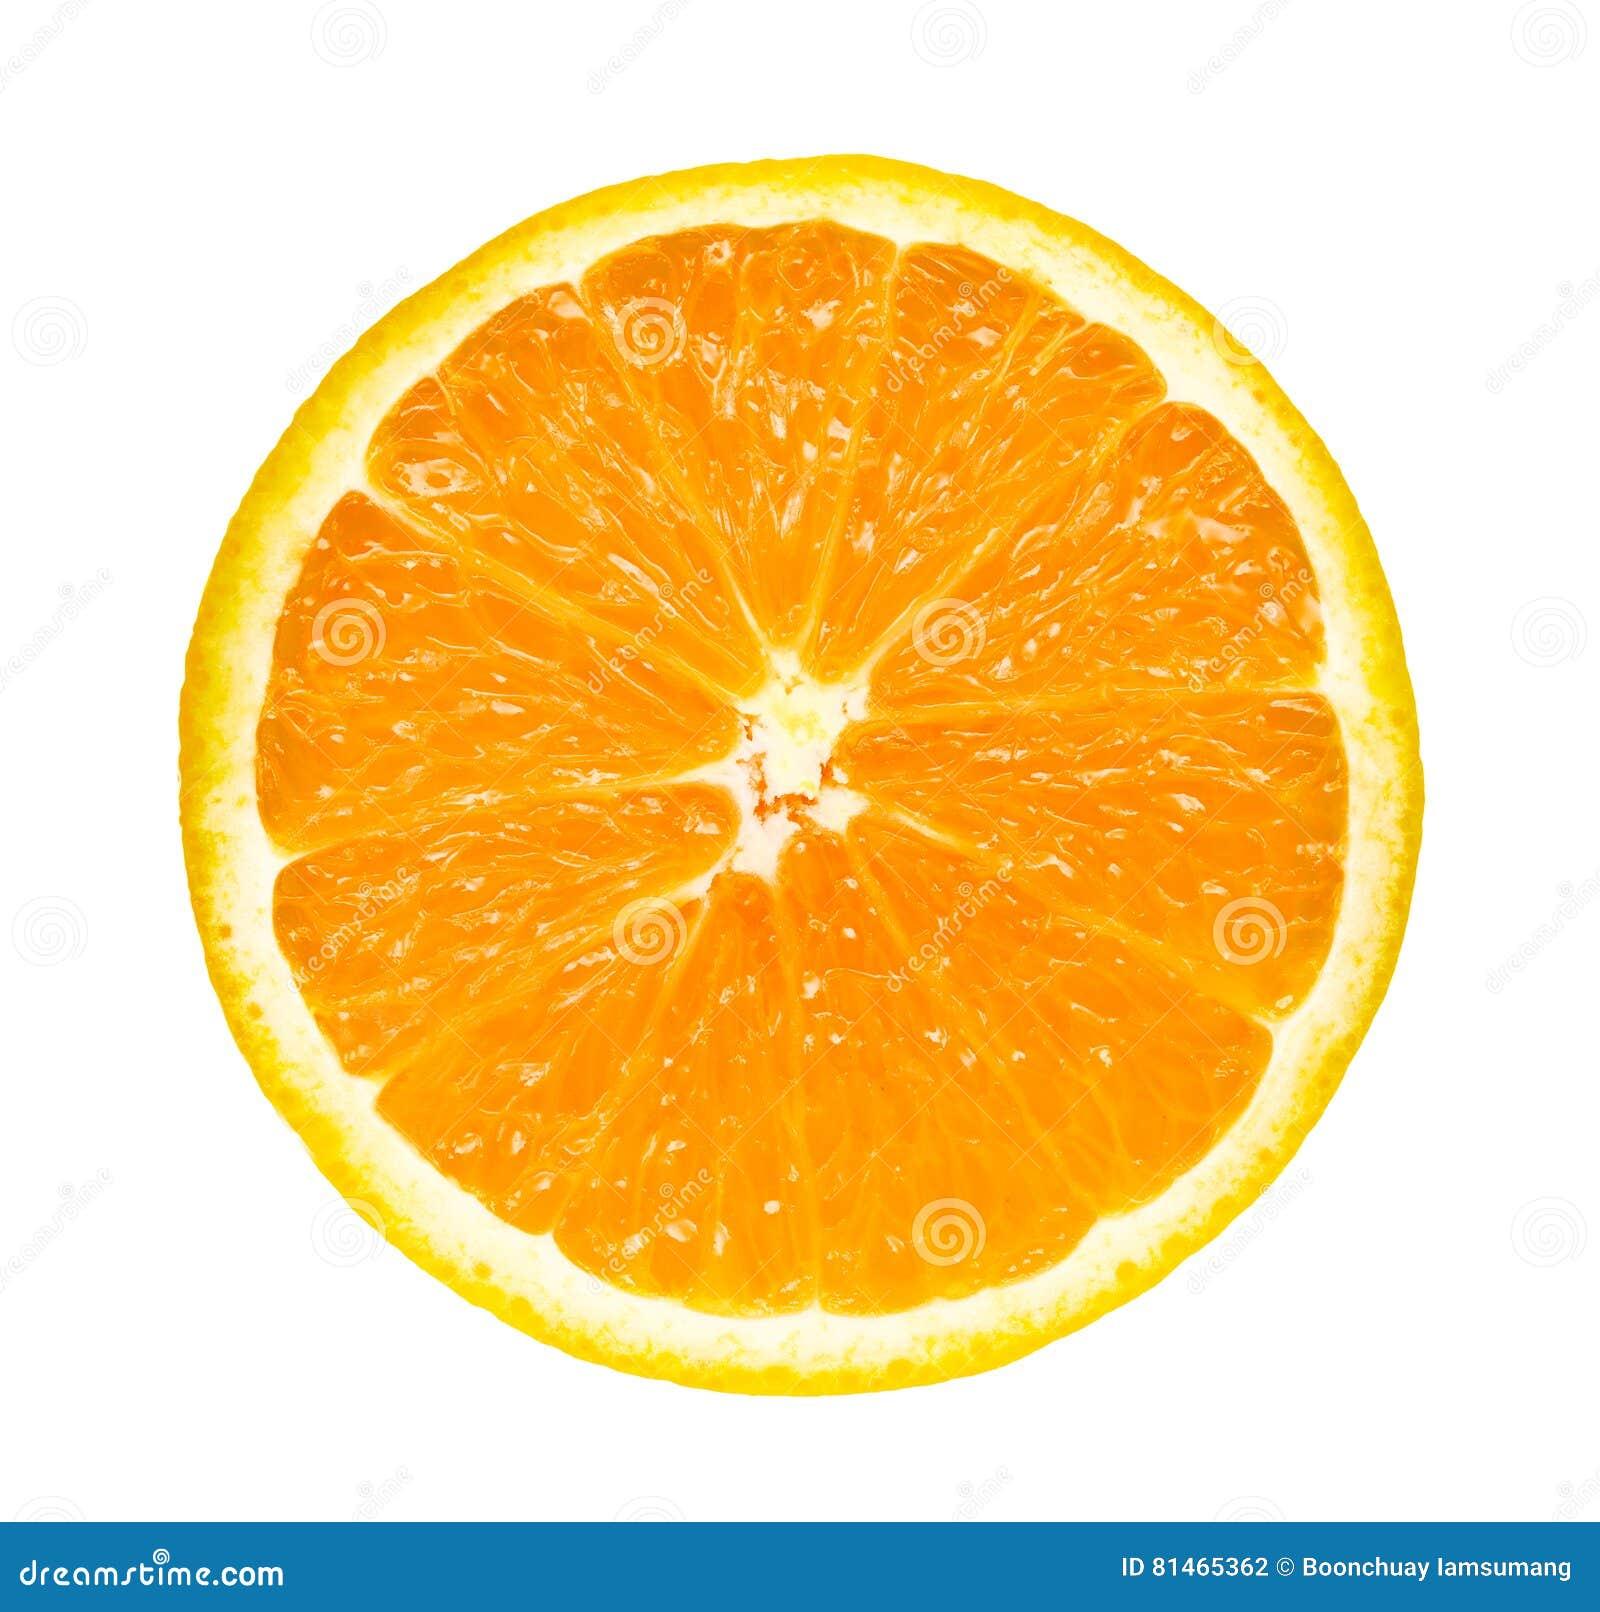 Half slice fresh orange isolated on white background